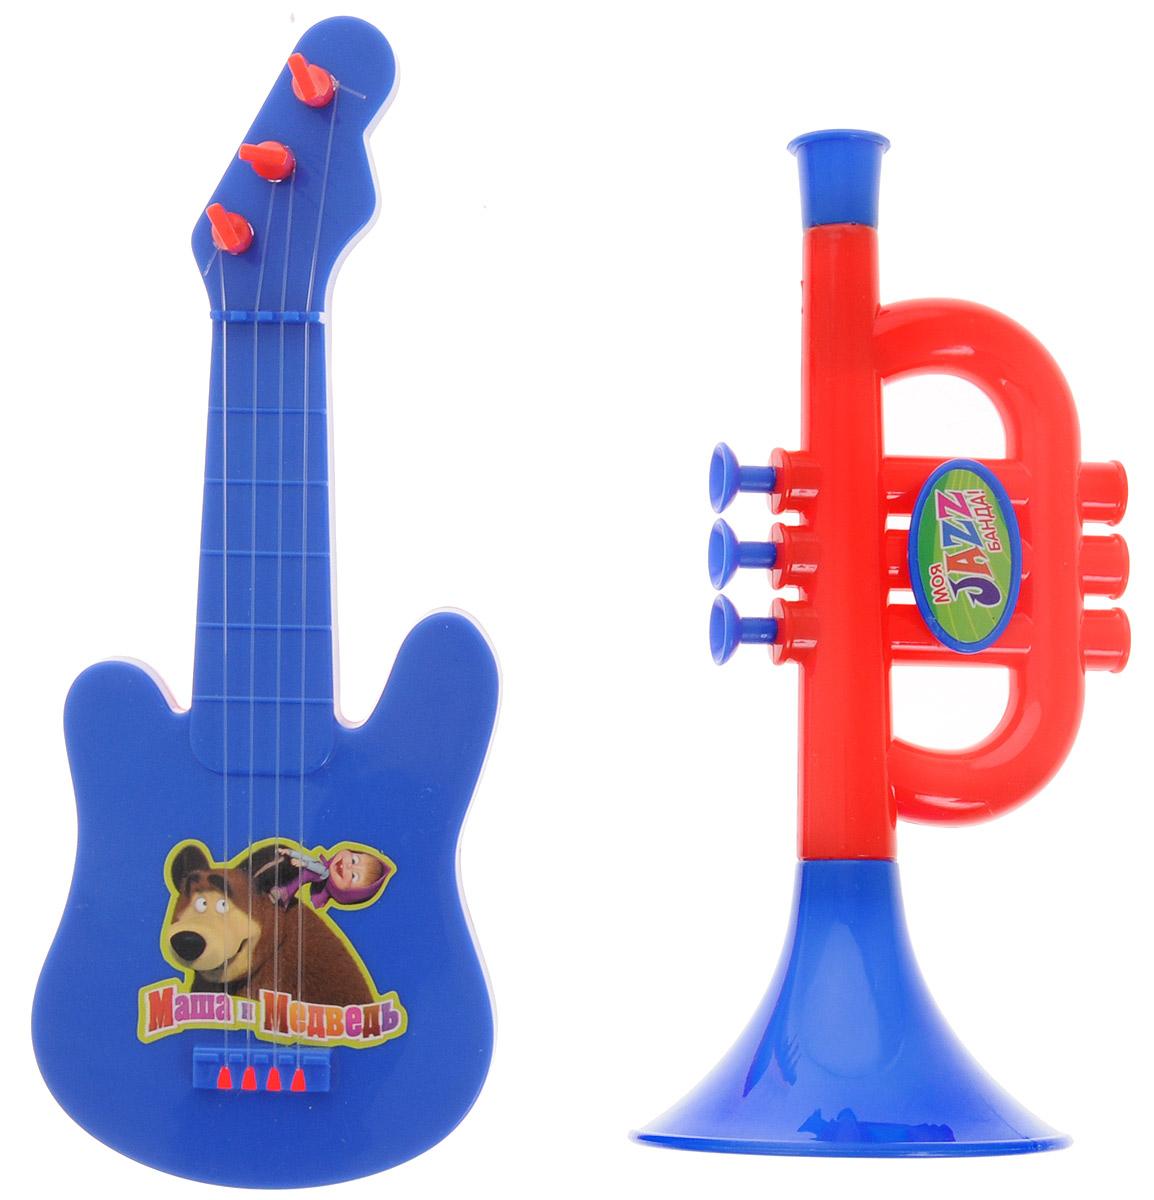 Маша и Медведь Набор музыкальных инструментов цвет гитары синий1107305_синяя гитараУже с малых лет у детей может начать проявляться интерес к музыке, но настоящие инструменты малышу давать рано, поэтому лучшим решением в этой ситуации послужит набор музыкальных инструментов Маша и Медведь. Труба и гитара - яркие музыкальные игрушки. Юный музыкант сможет с помощью гитары извлекать достаточно мелодичные звуки, пощипывая пальчиками каждую струну отдельно или сразу несколько струн. Игра на музыкальном инструменте способствует развитию координации движений, ловкости, тактильных ощущений, моторики рук, слуха, прививает с детства любовь к музыке. Порадуйте своего малыша таким подарком!